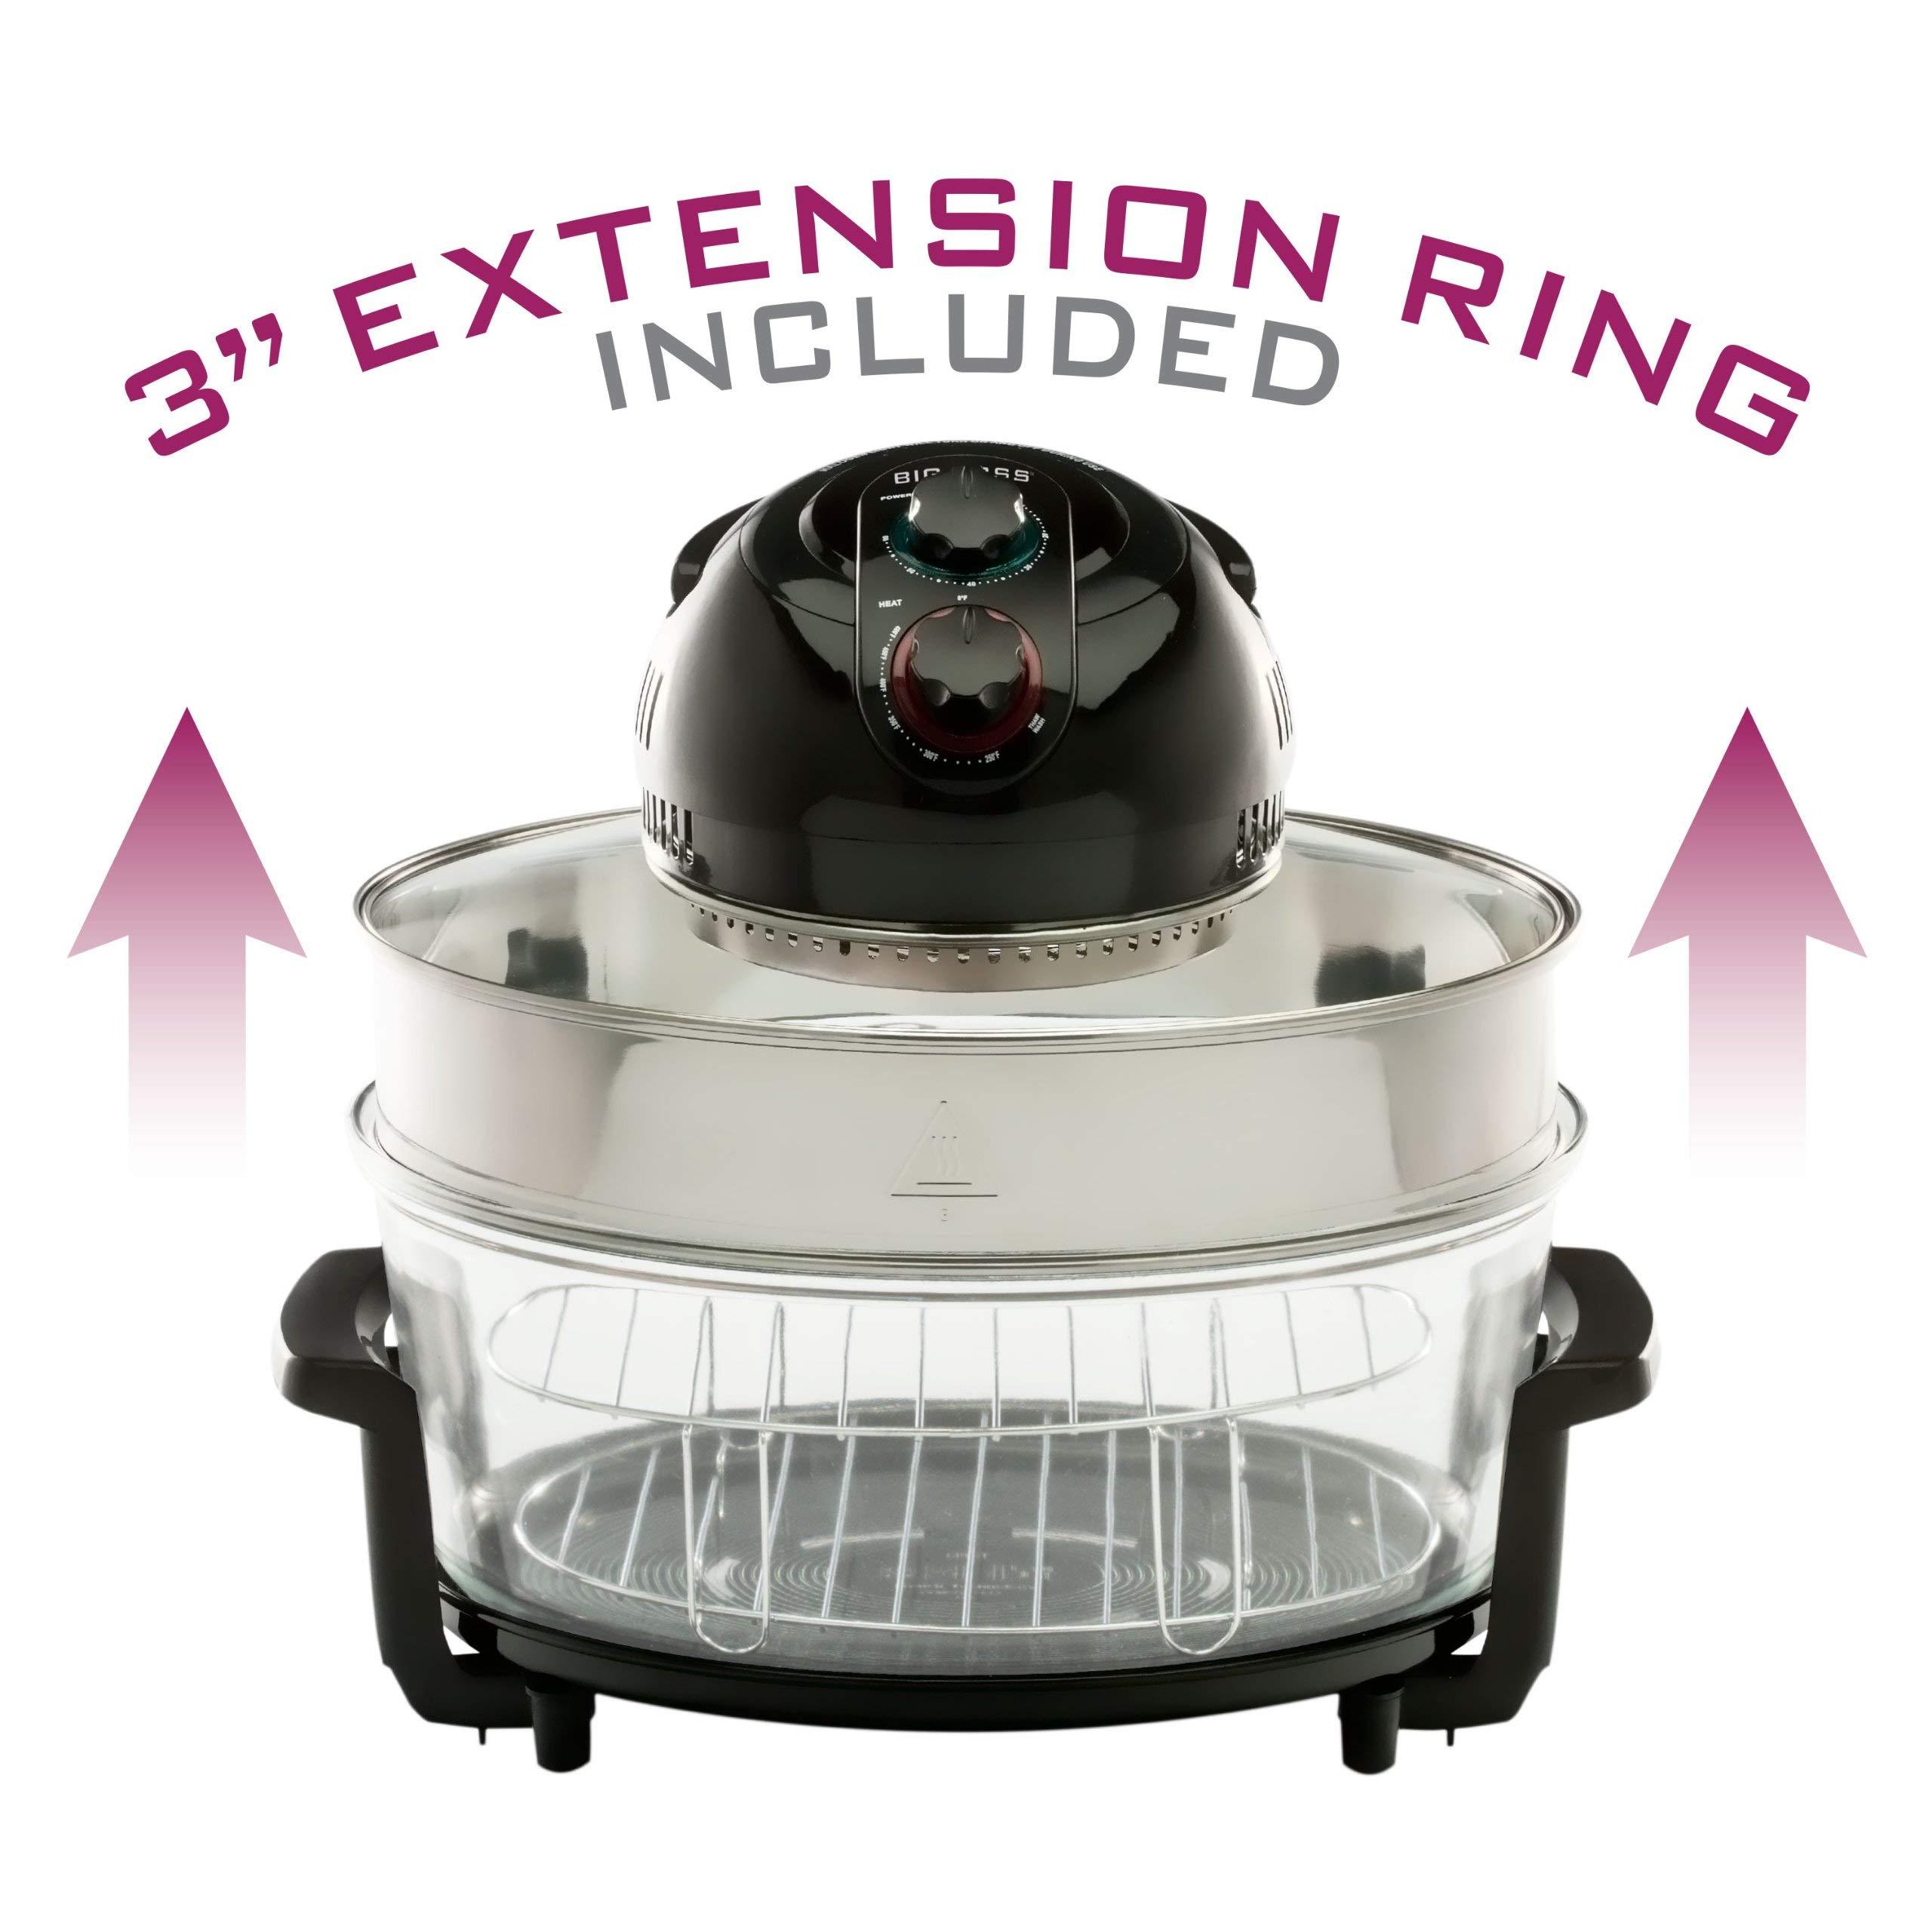 Big Boss 8861 1300 Watt Oval Rapid Wave Oven and Turkey Roaster, Black, 17.5 Quart